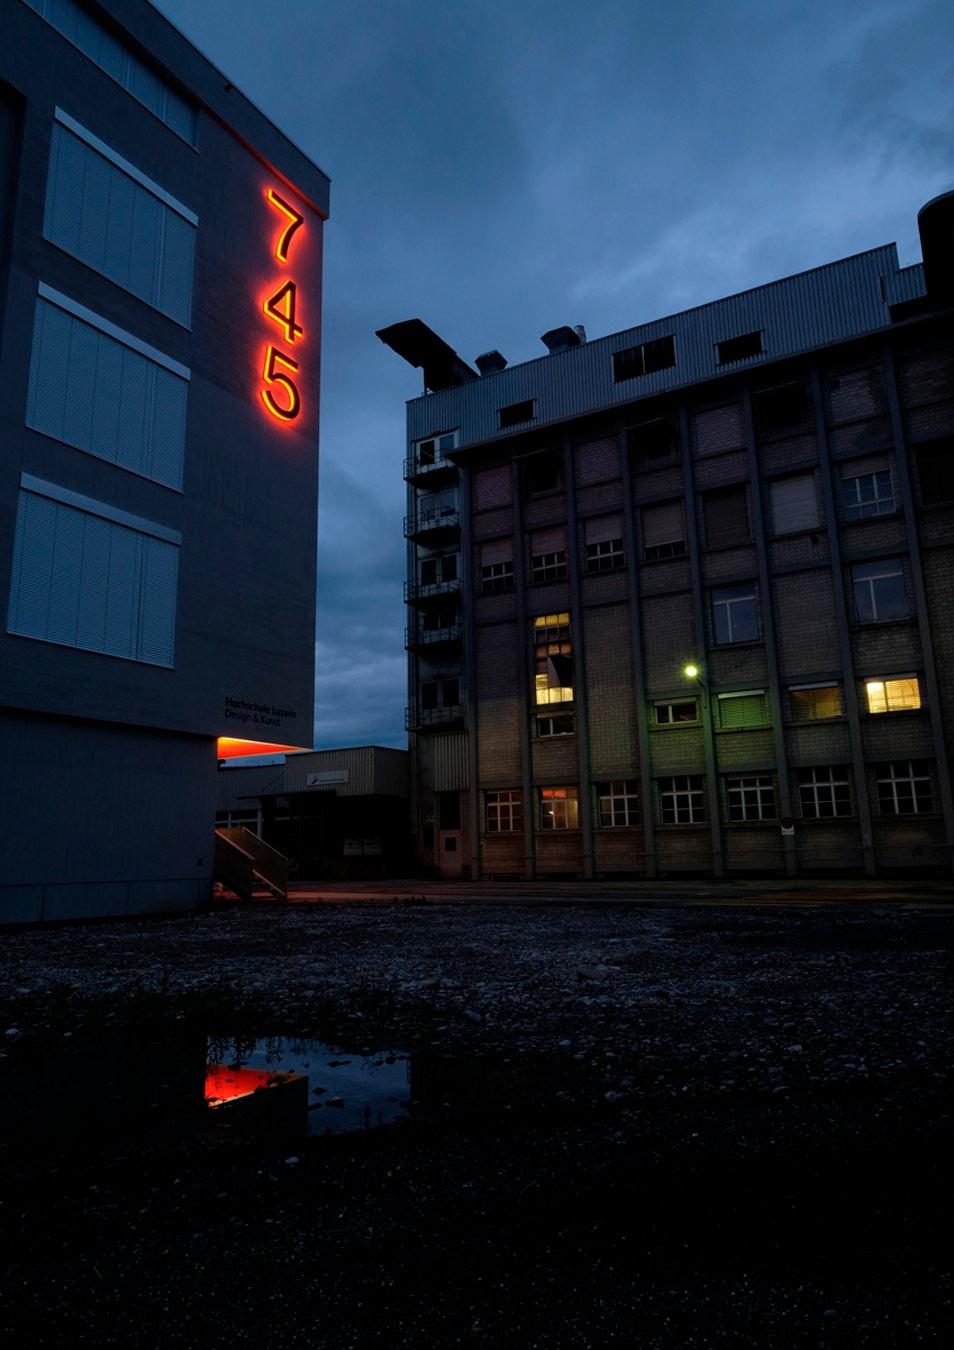 Viscosistadt Hochschule Luzern Design und Kunst Signaletik 745 Aussenfassade